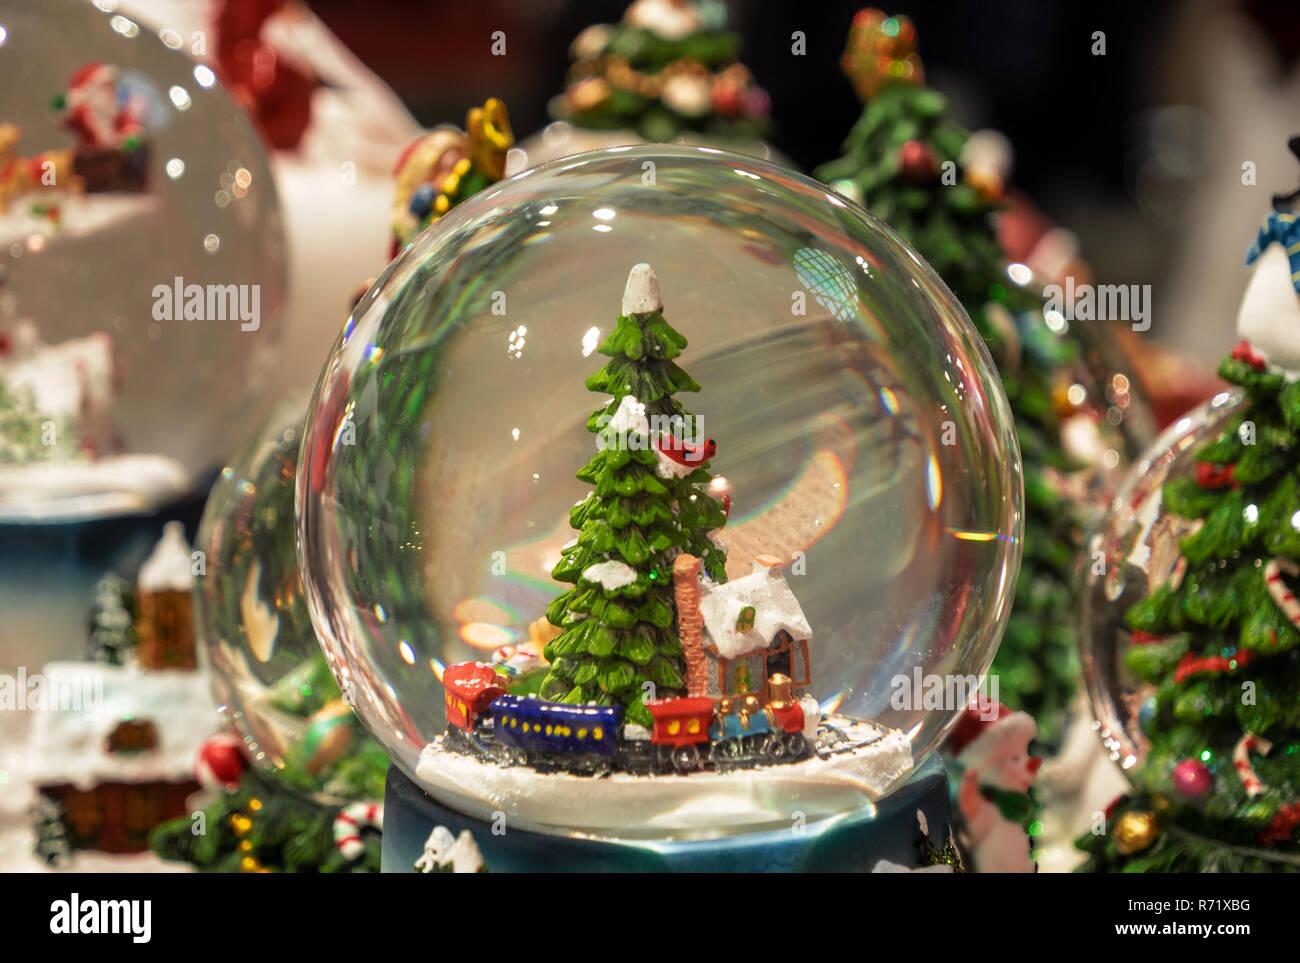 Boule de cristal avec un paysage de Noël enneigé Photo Stock   Alamy